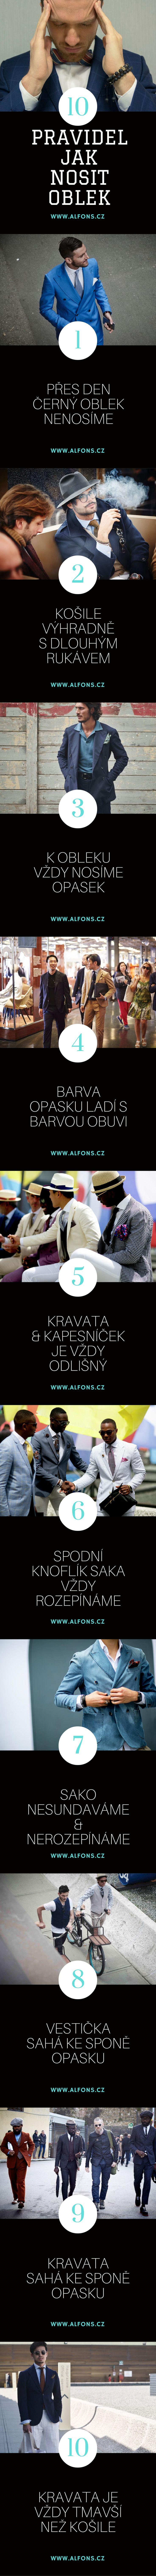 10 pravidel správného nošení obleku - jak nosit oblek? 10 nejčastějších chyb u českých mužů